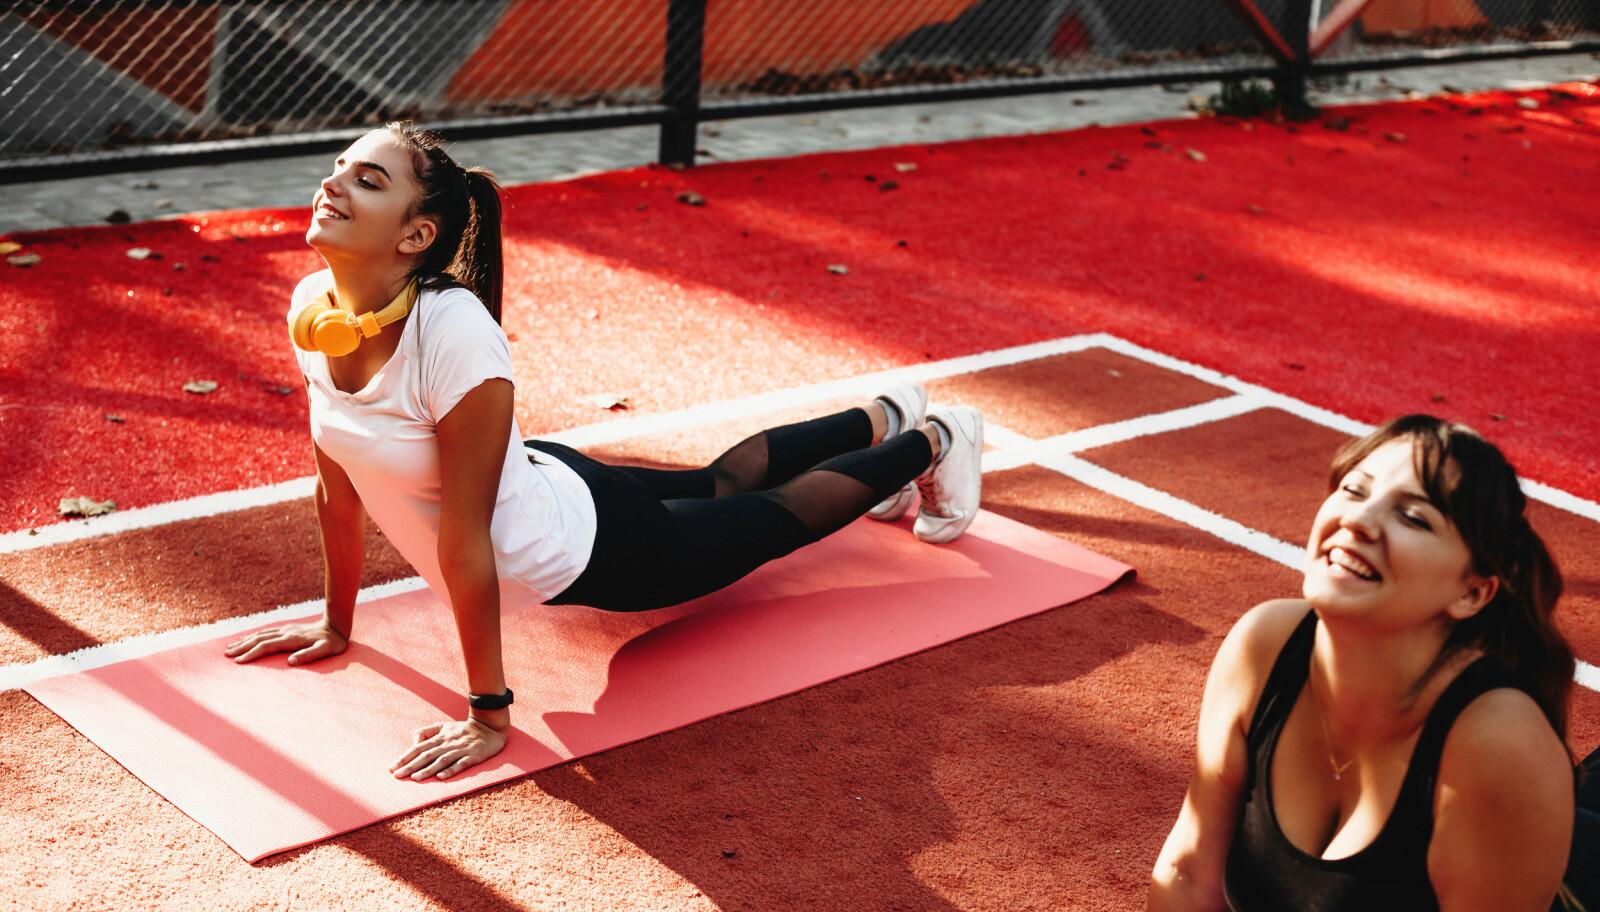 FOREBYGGENDE: - Bevegelighet og smidighet, styrke og kroppsbevissthet, gjennom blant annet yoga og pilates, vil gi godt grunnlag for utvikling av skiteknikk, og ikke minst være skadeforebyggende, sier Per Elias Kalfoss i Norges Skiforbund til KK. ILLUSTRASJONSFOTO: NTB